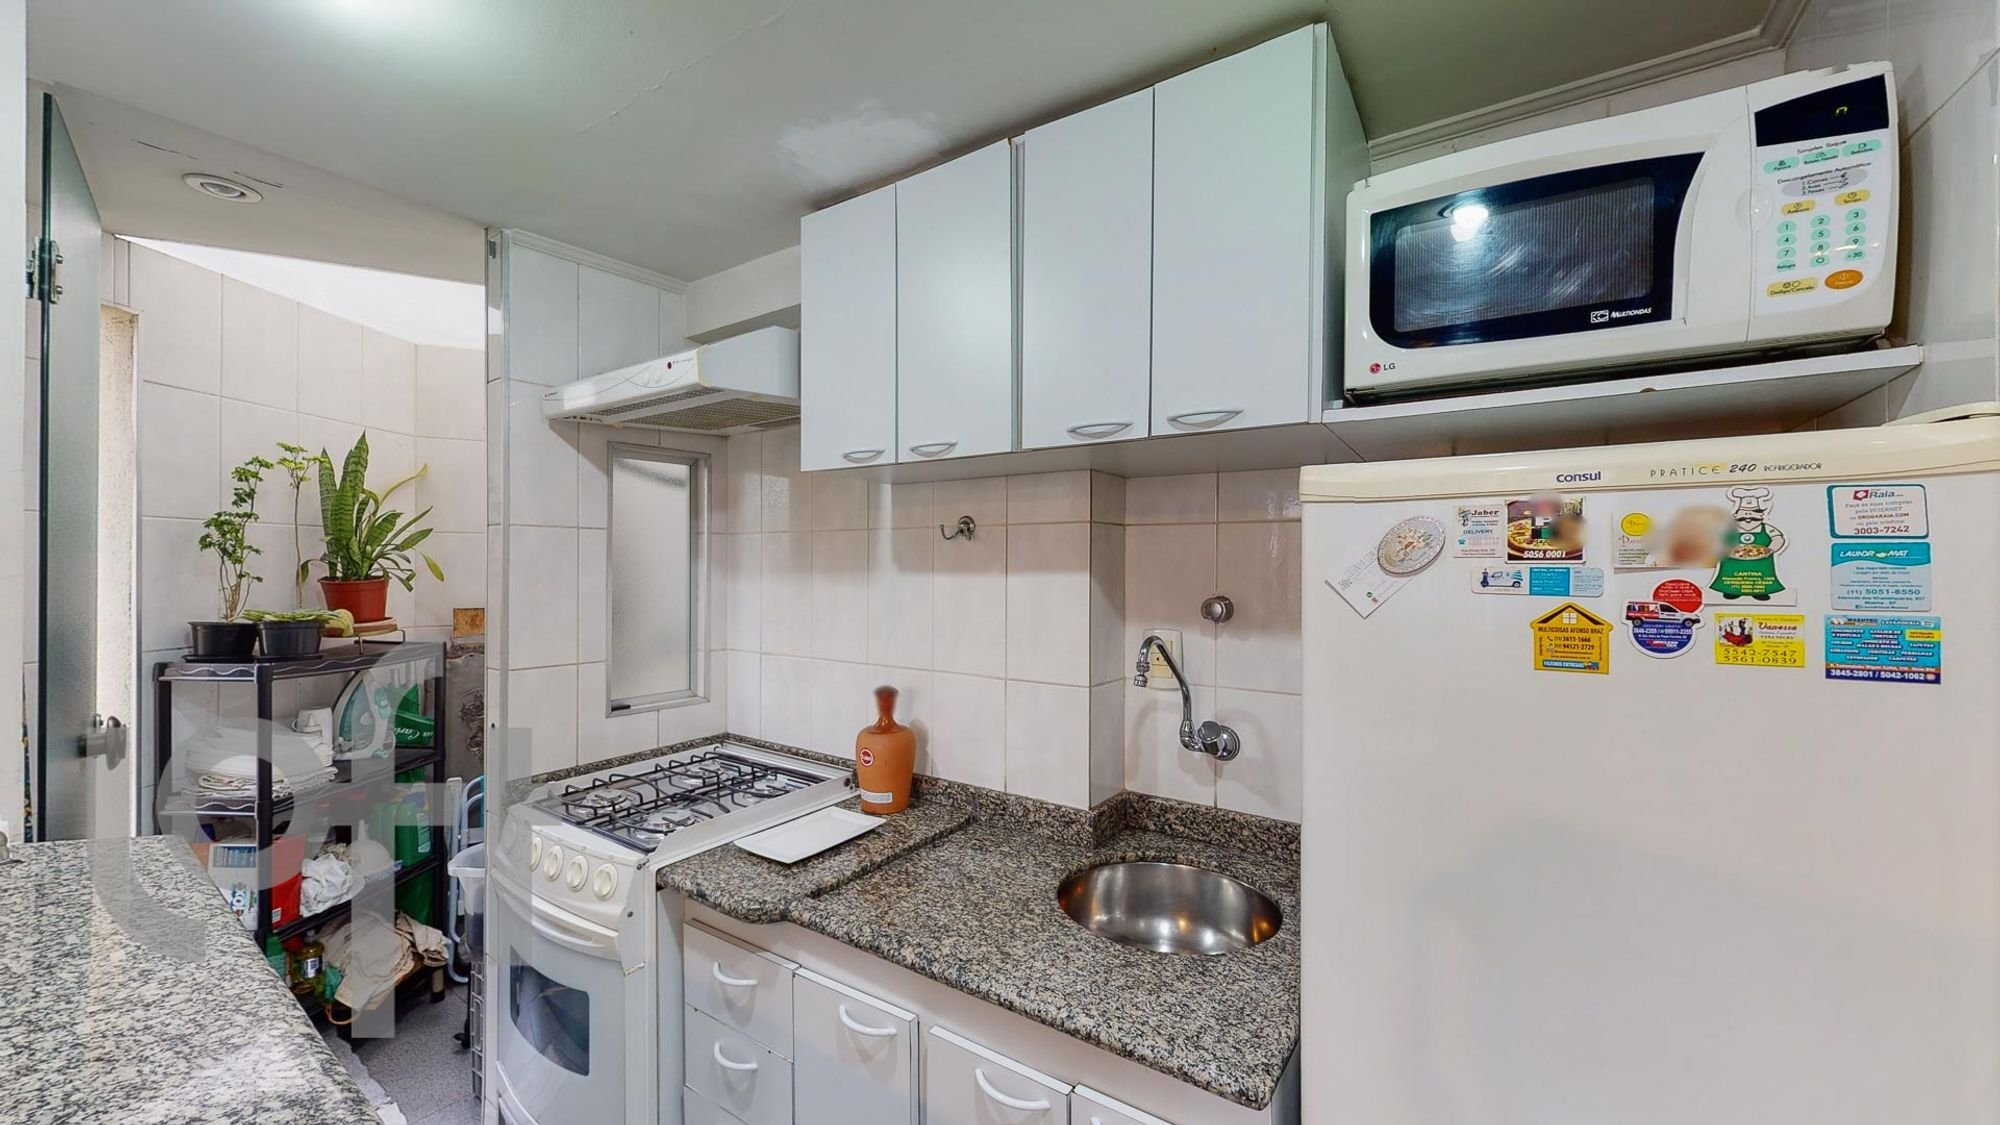 Foto de Cozinha com vaso de planta, garrafa, forno, geladeira, pia, microondas